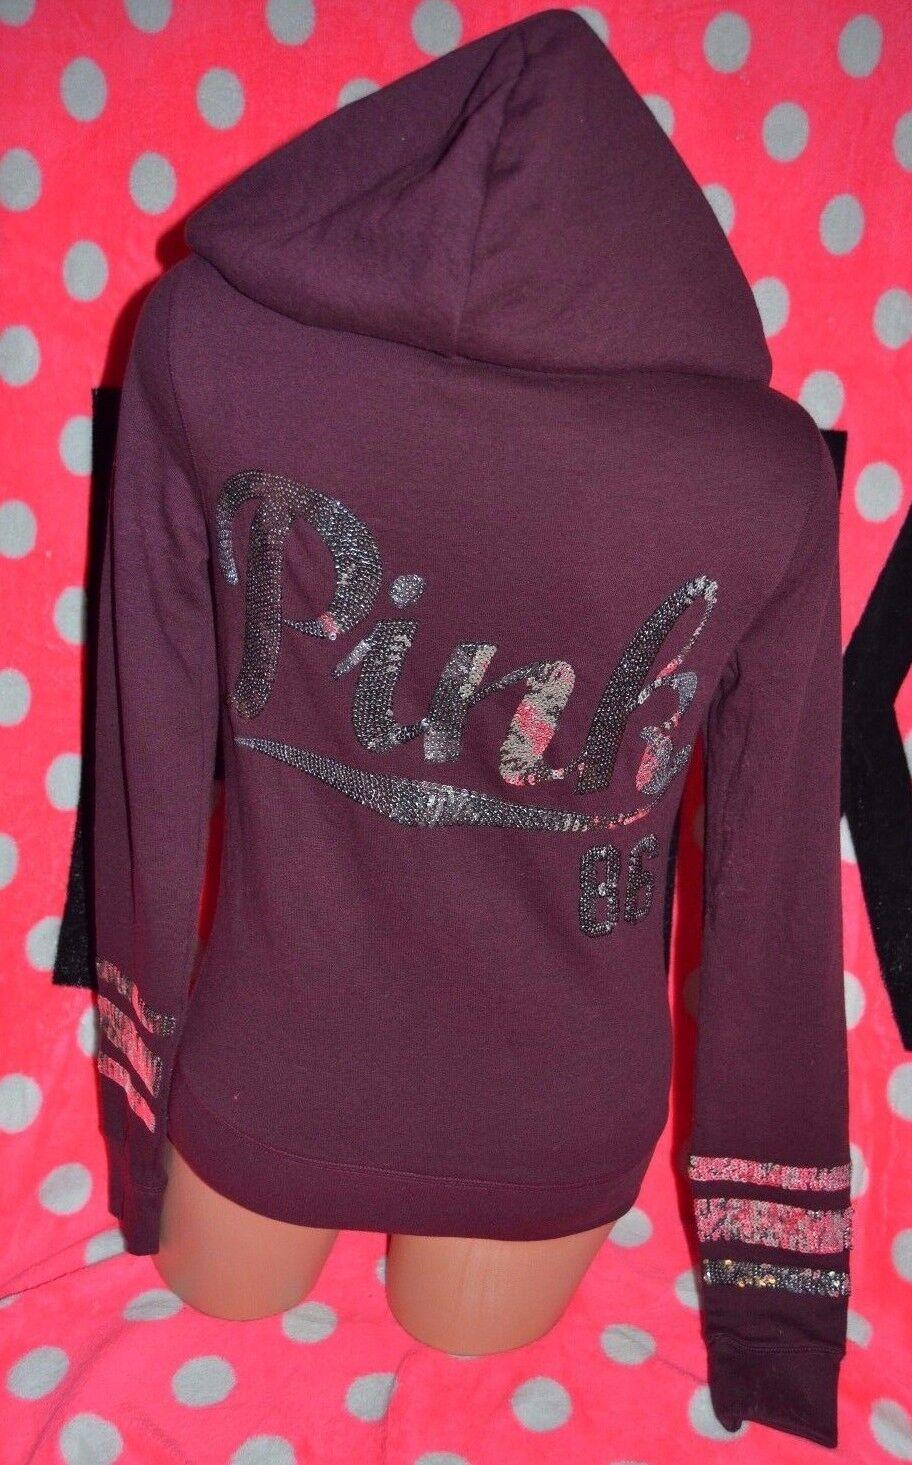 Victoria's Secret PINK Hoodie Full Zip Sweatshirt Sequin Maroon Red Bling XS new